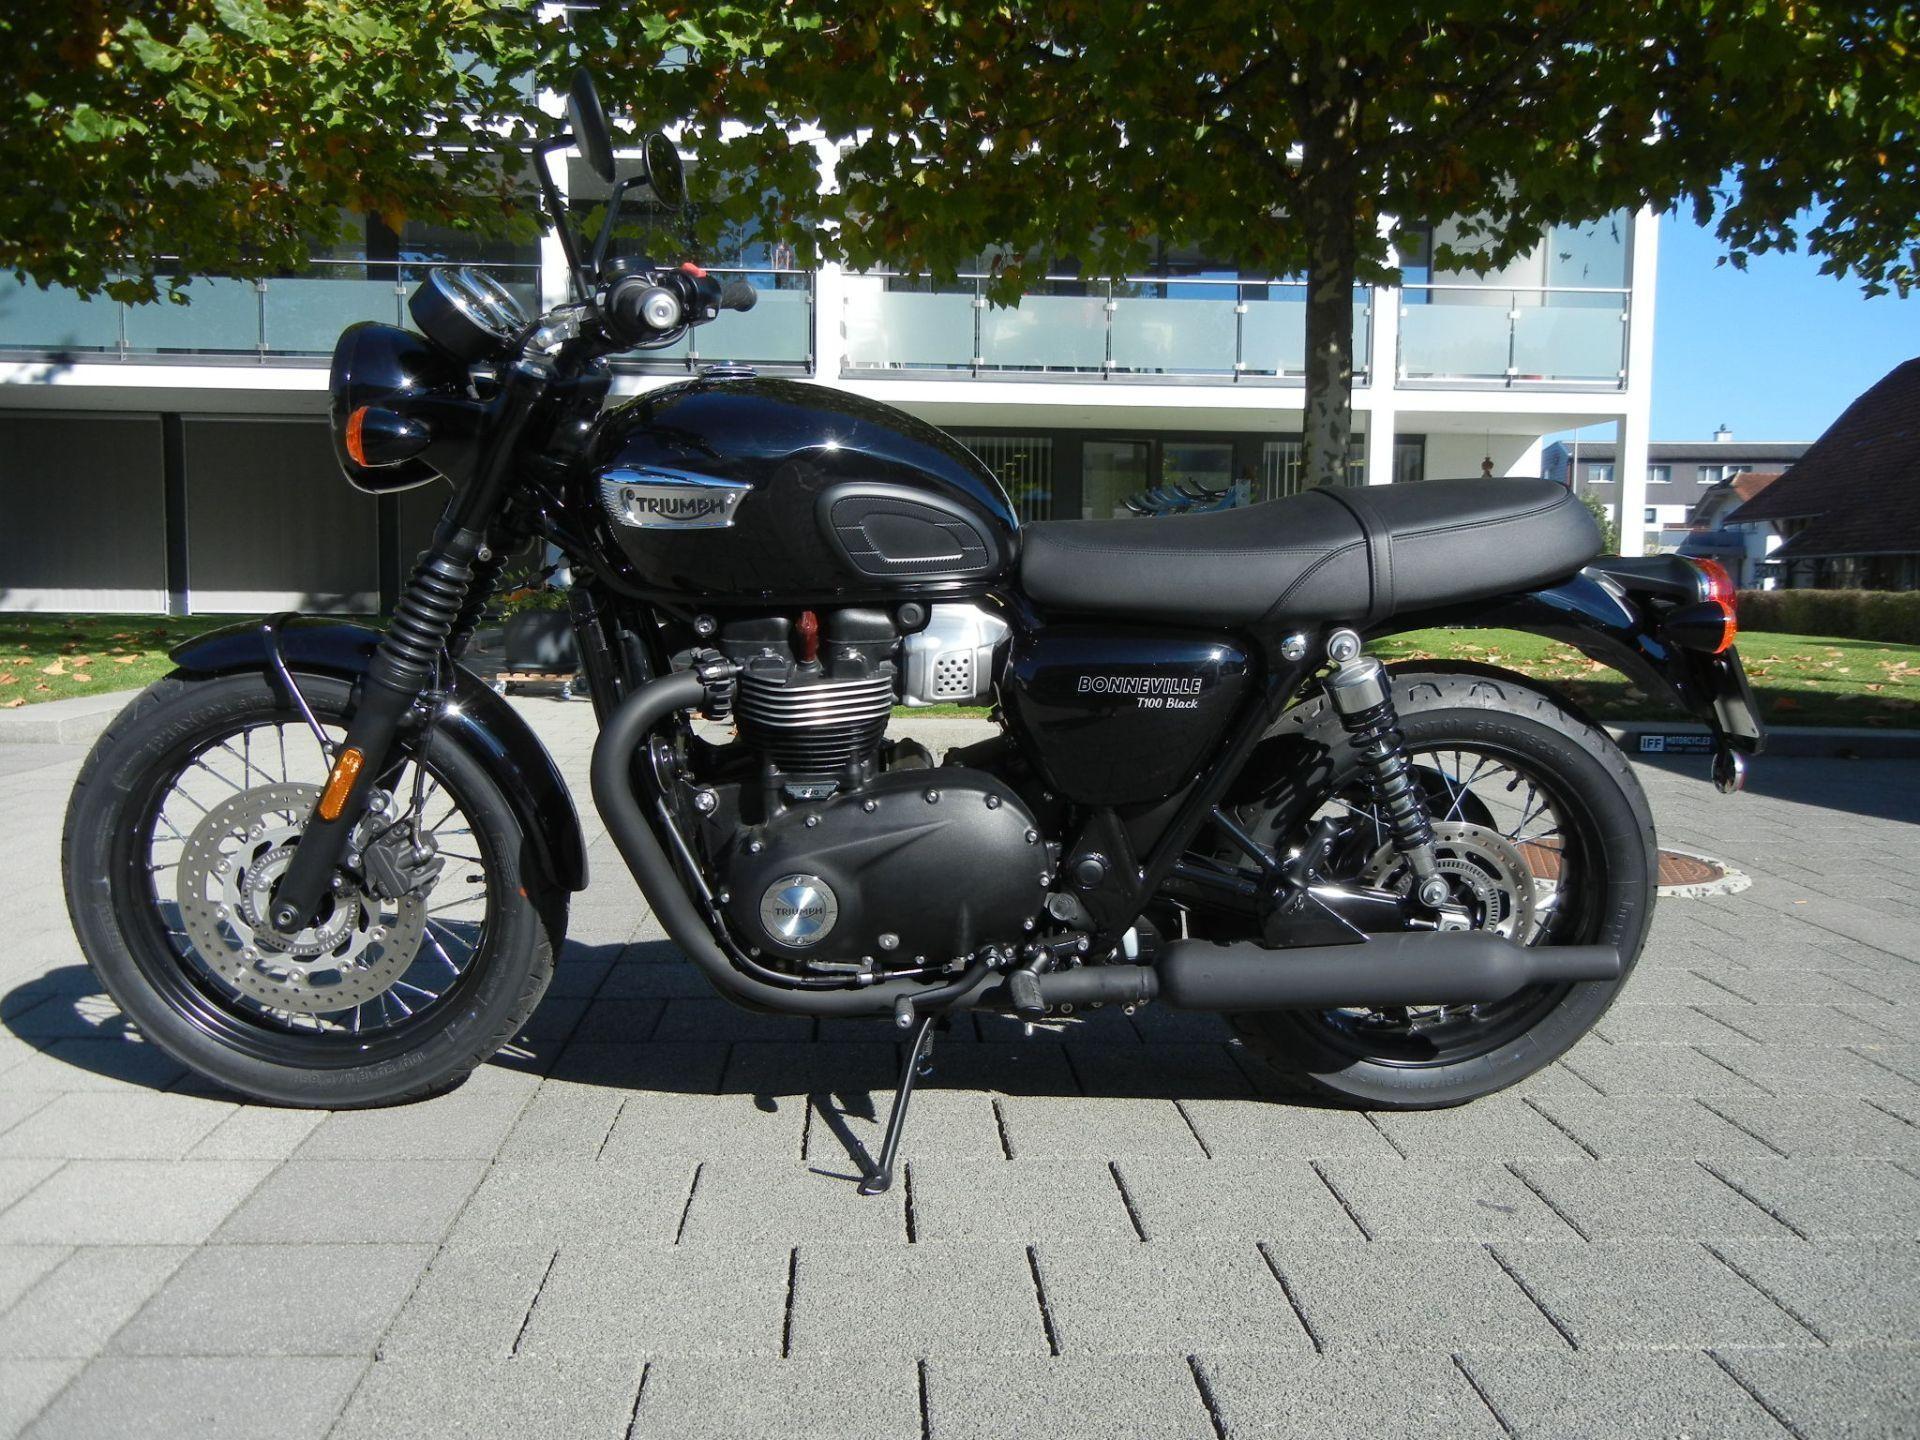 moto neuve acheter triumph bonneville t100 900 abs iff motorcycles ag gettnau. Black Bedroom Furniture Sets. Home Design Ideas